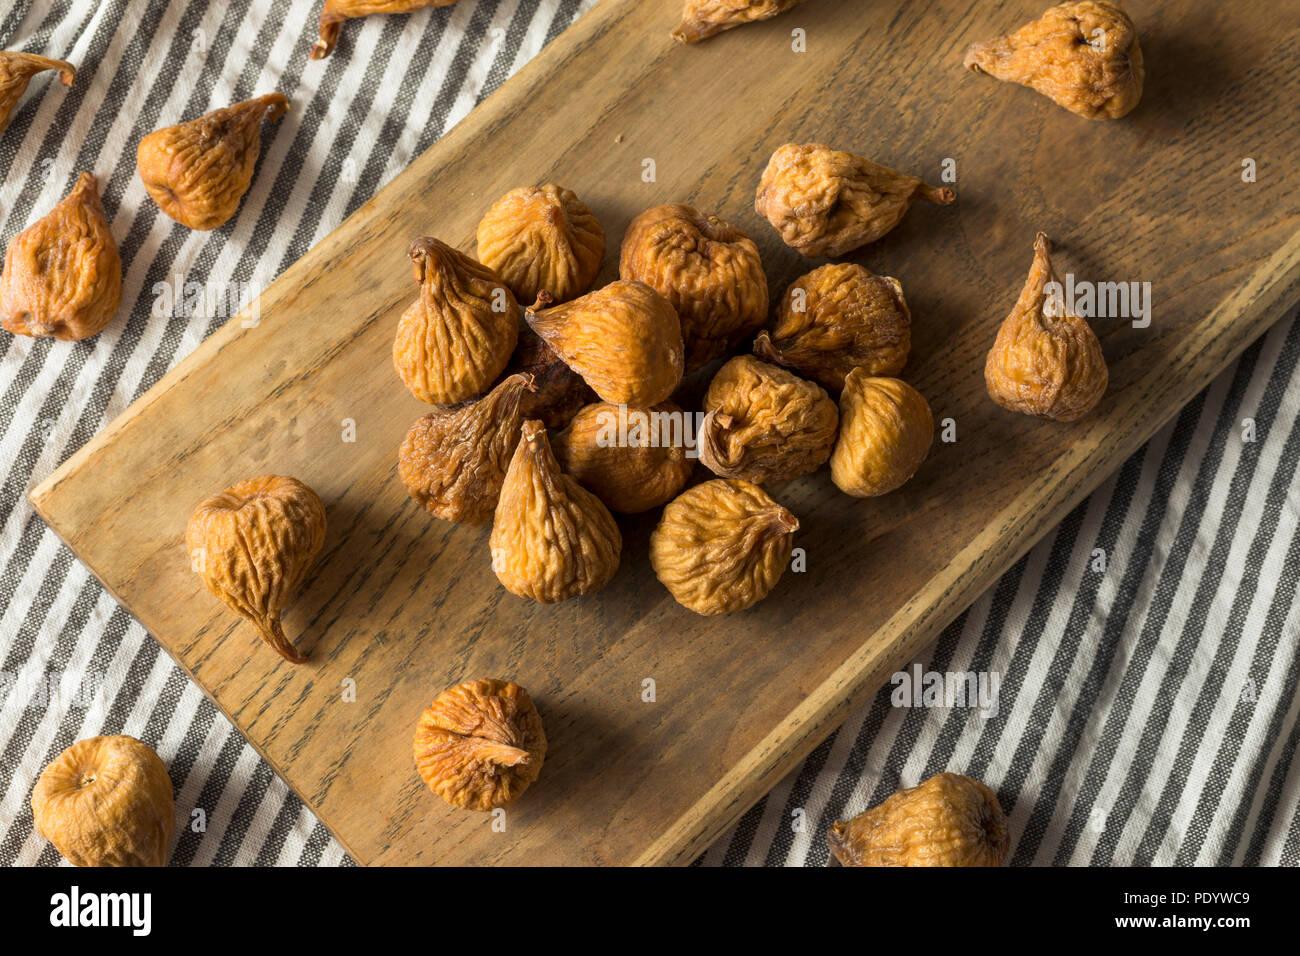 Raw Braune getrocknete Feigen bereit zu Essen Stockbild